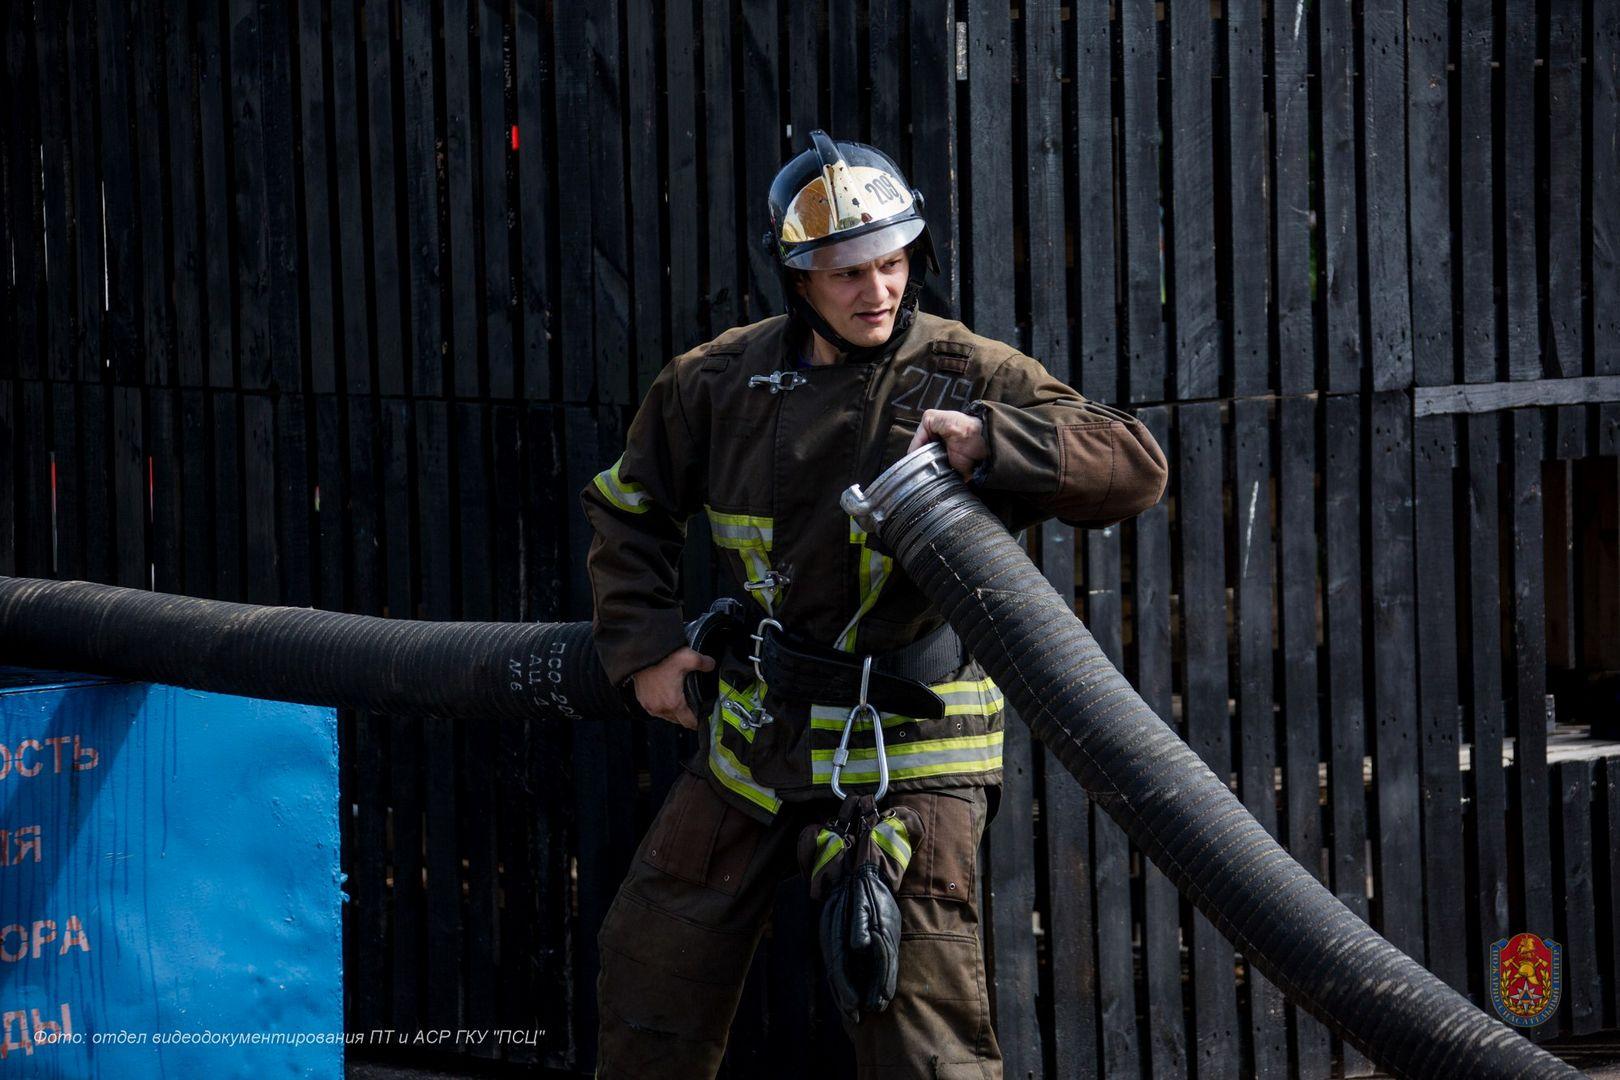 Сергей Игнатов, пожарный-спасатель